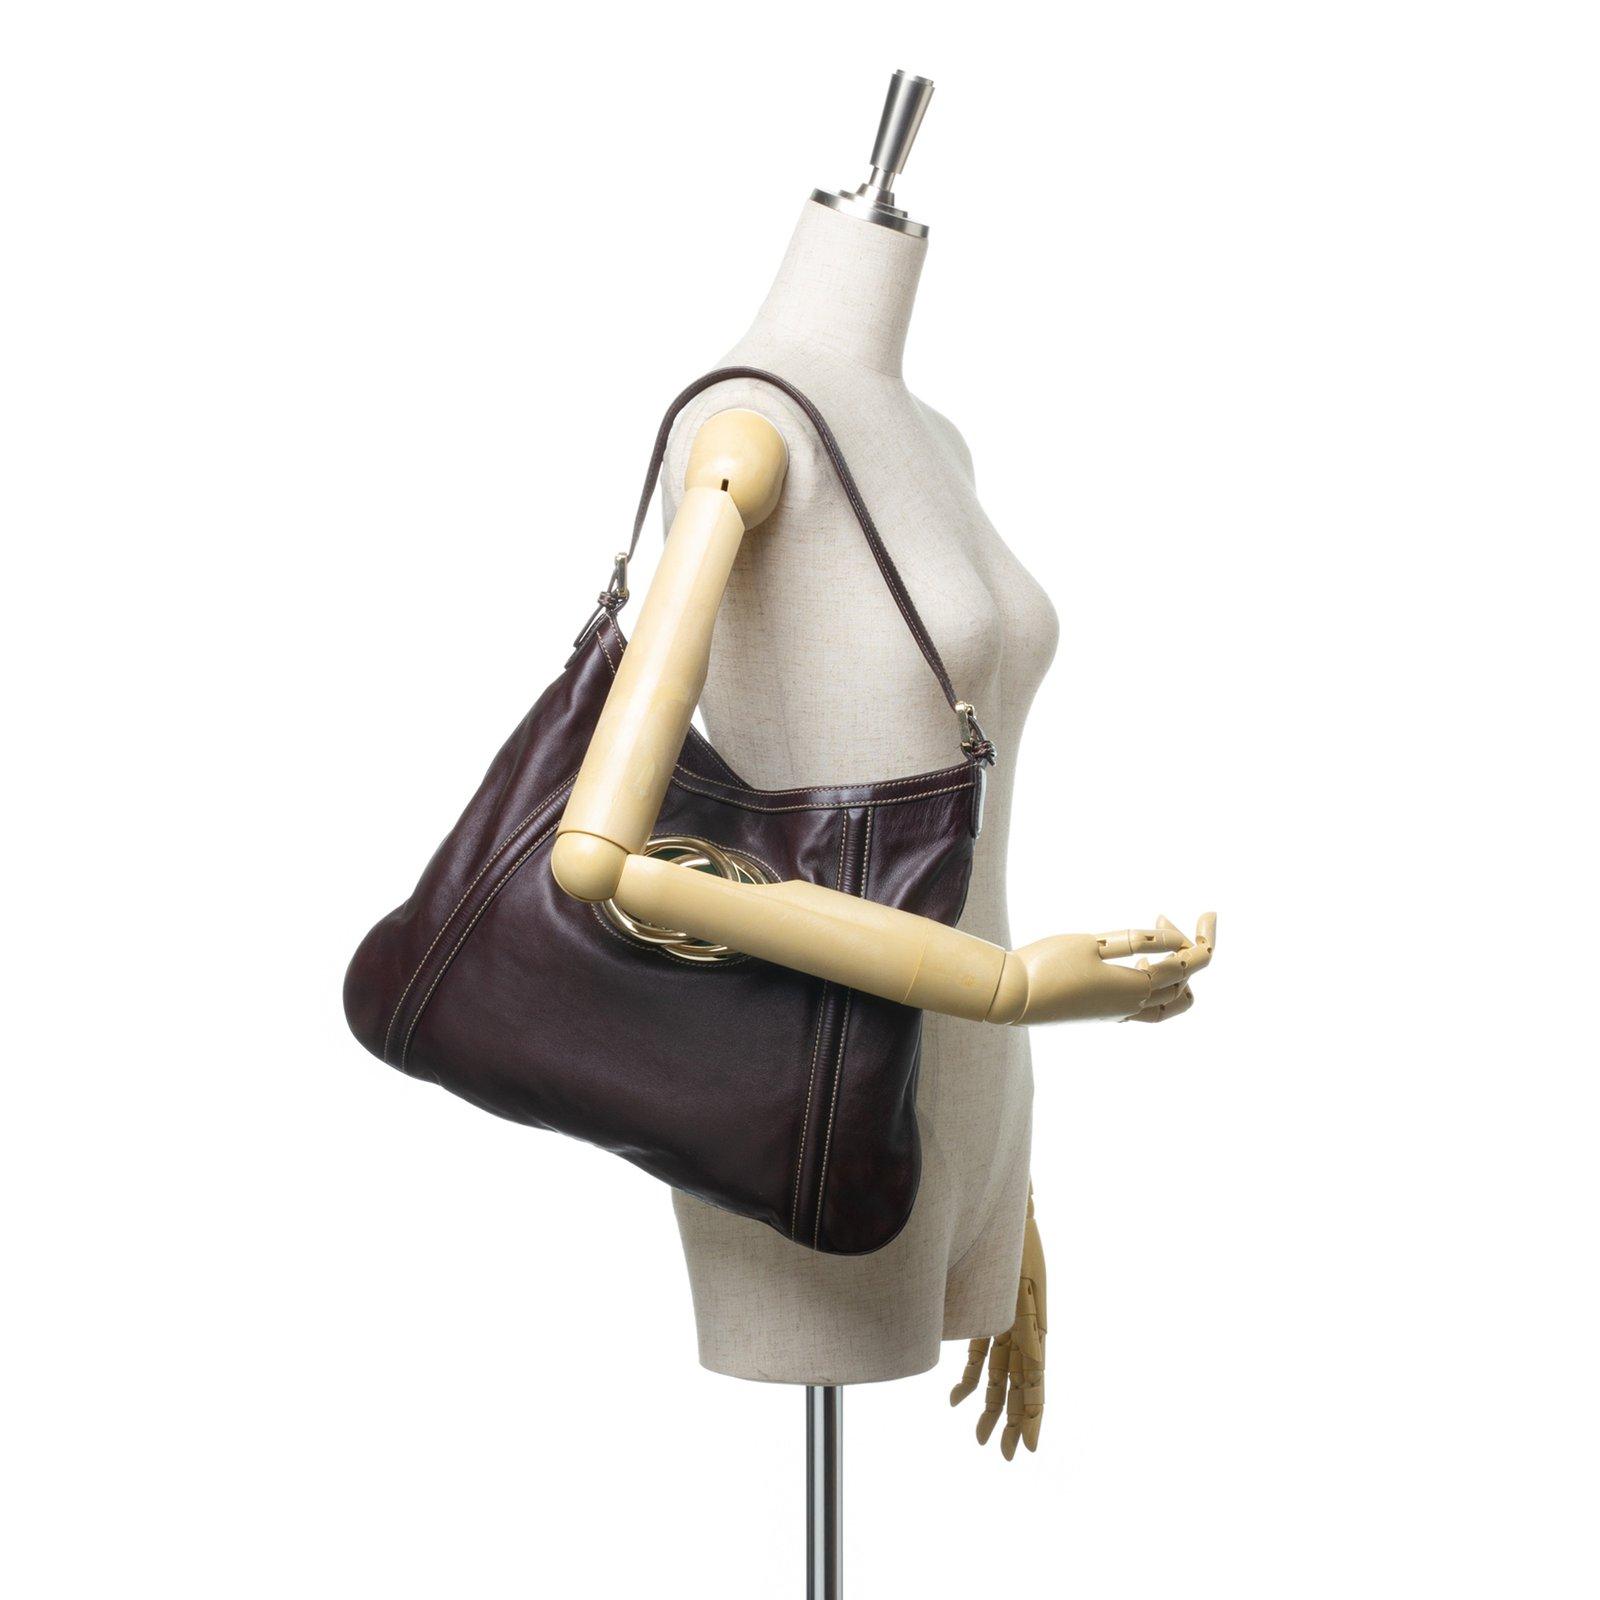 a7986a1ead2 Gucci Medium Britt Hobo Handbags Leather